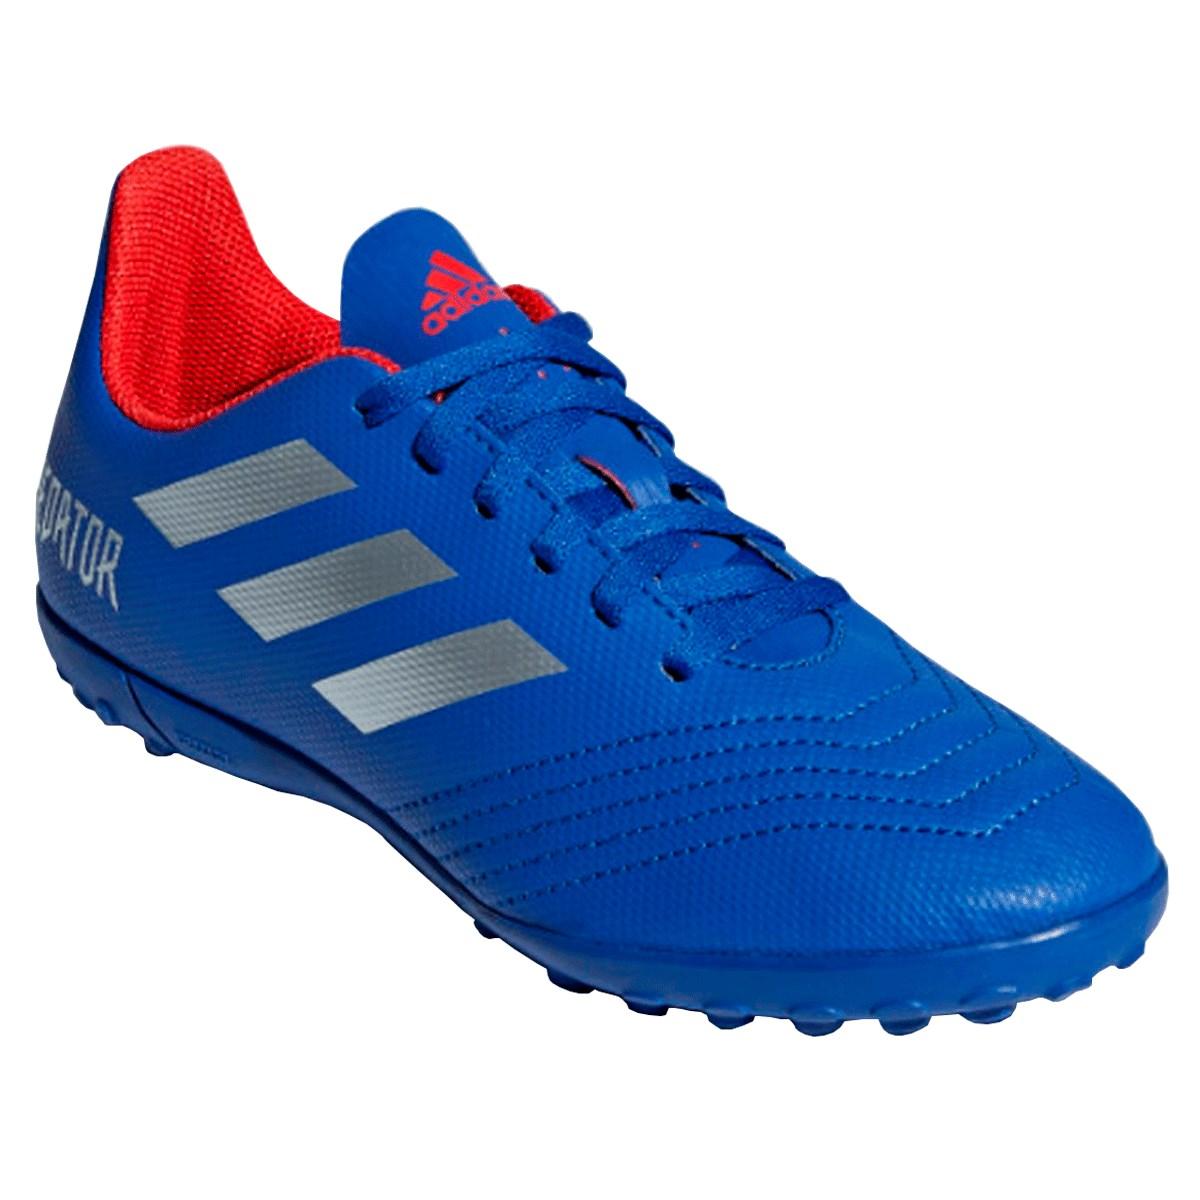 adidas predator youth turf off 54% www.skolanlar.nu